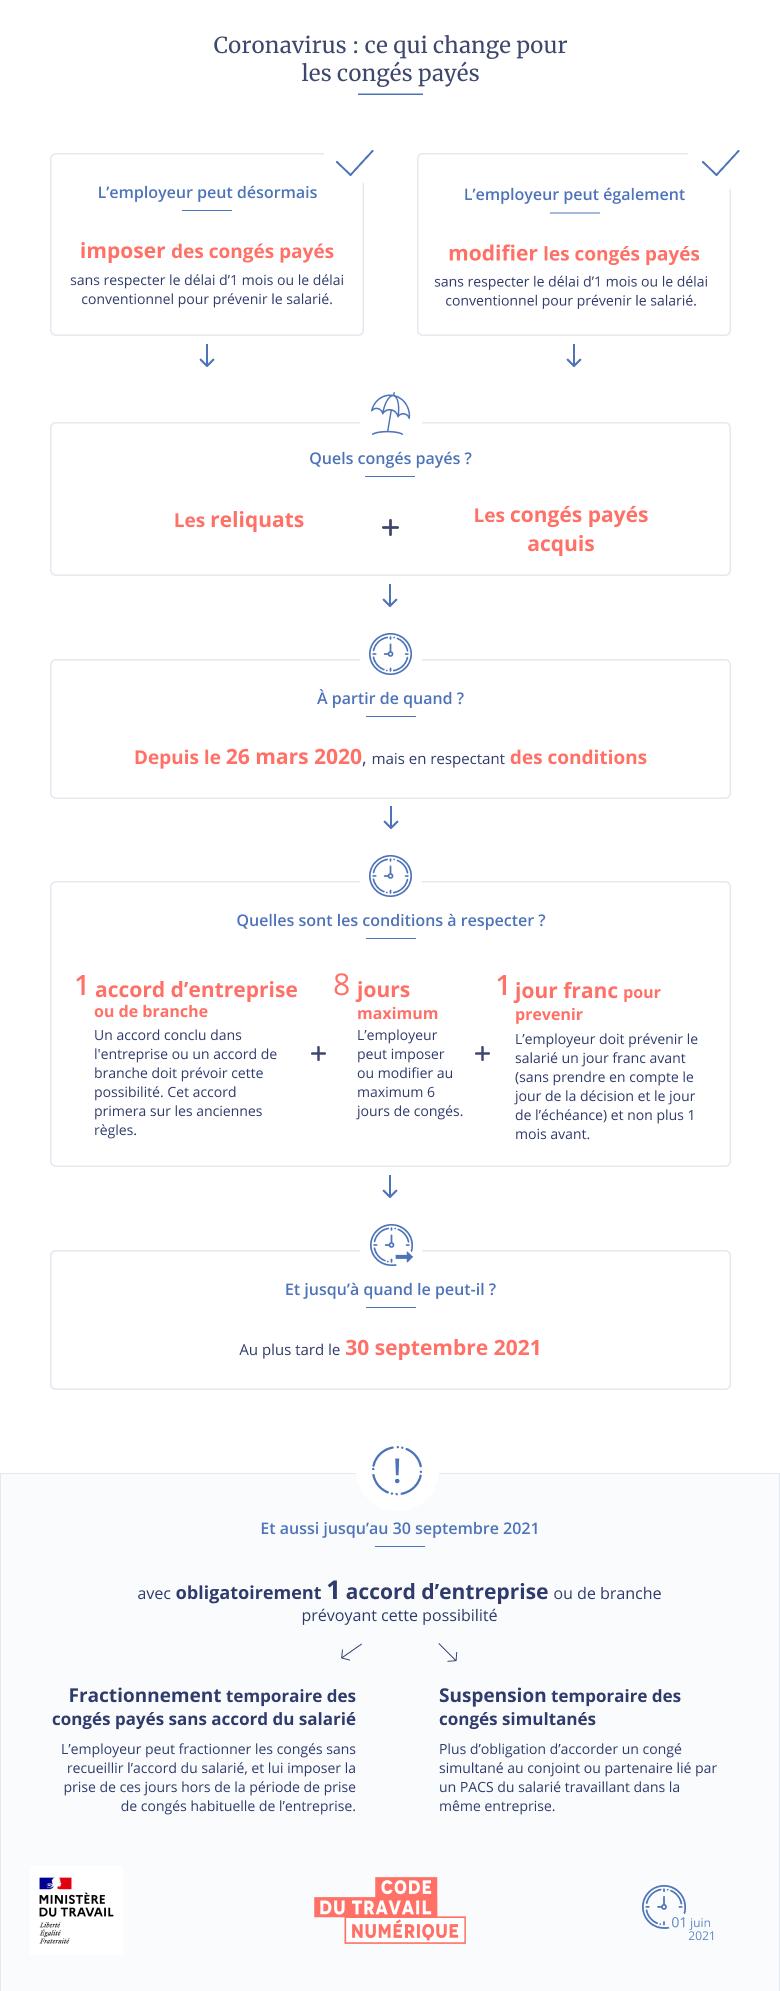 Infographie schématisant les changements concernant les congés payés. Une version textuelle est disponible en dessous.